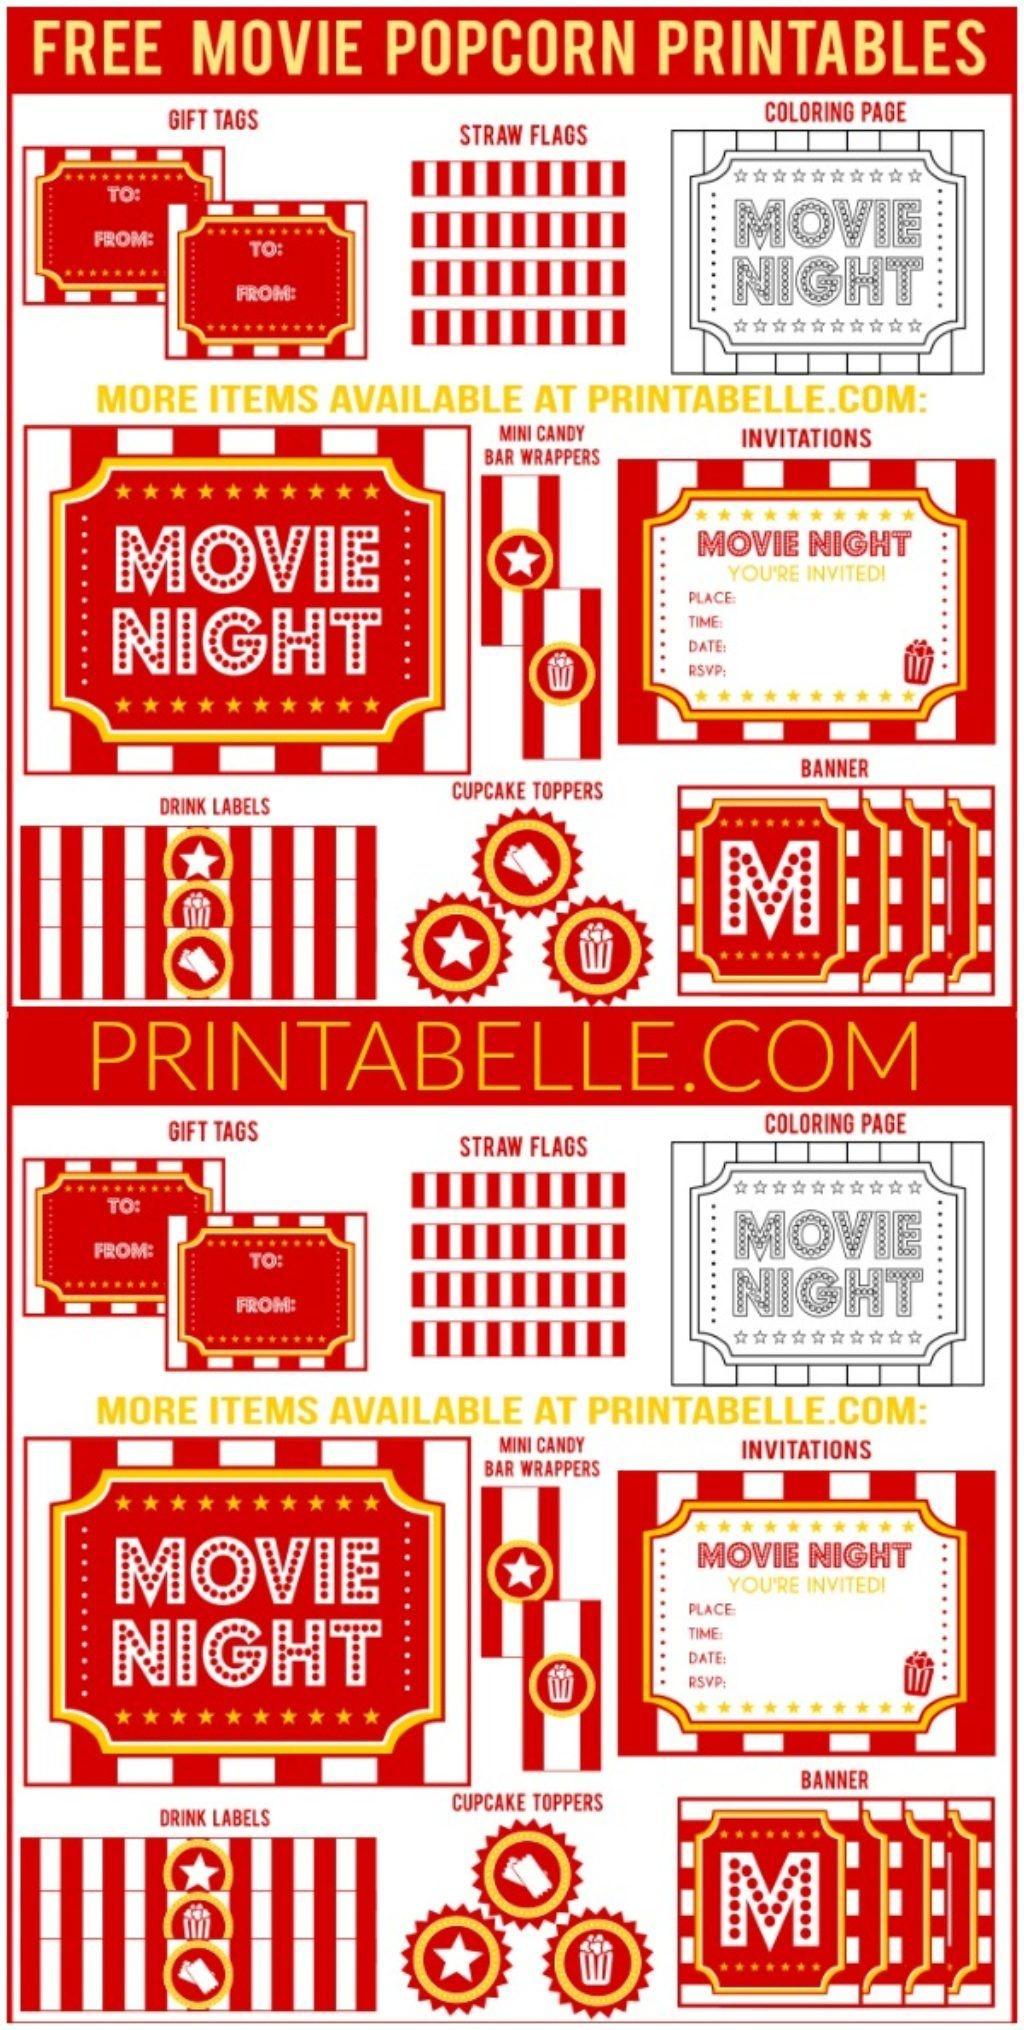 Movie Night Popcorn Printables | Free Party Printables And More - Free Movie Night Printables